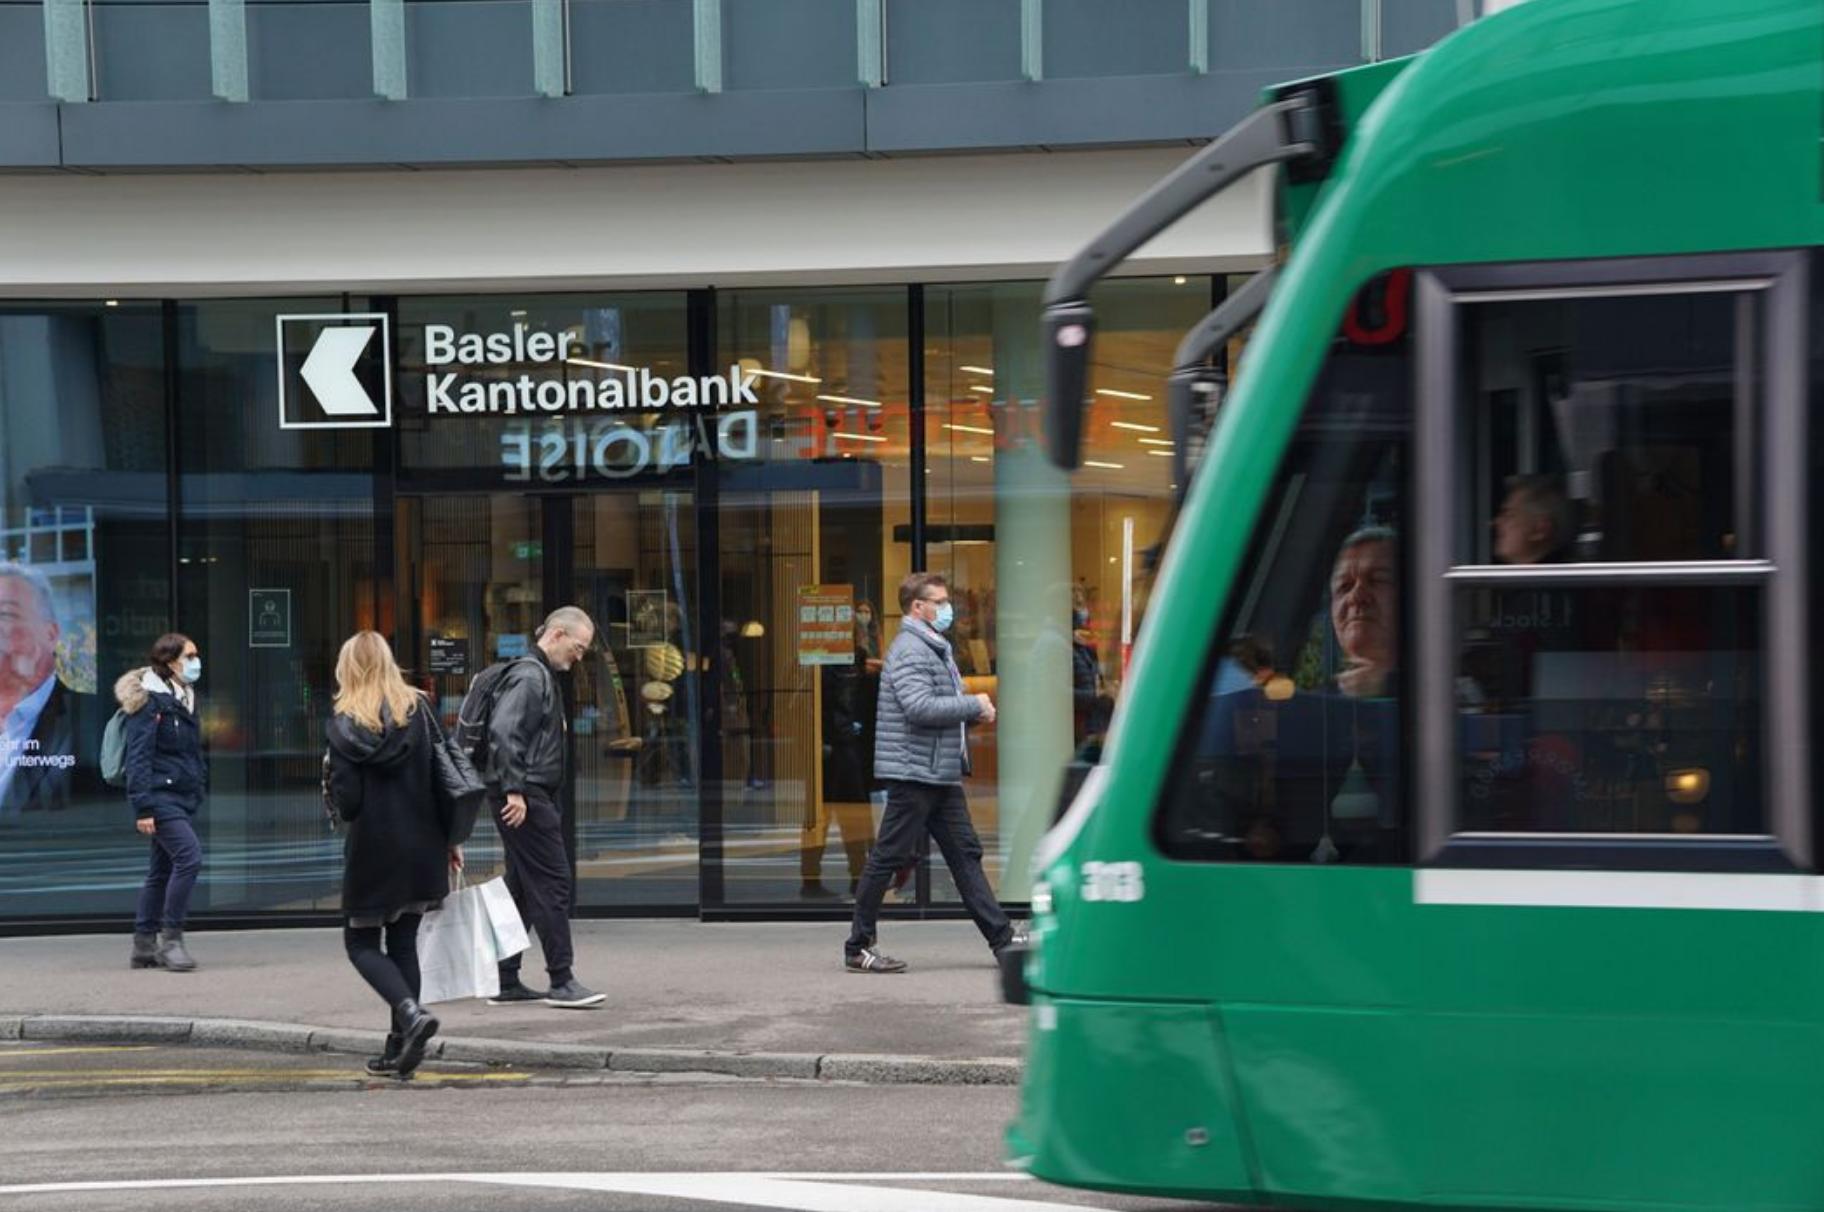 Wie klimafreundlich ist die Basler Kantonalbank?